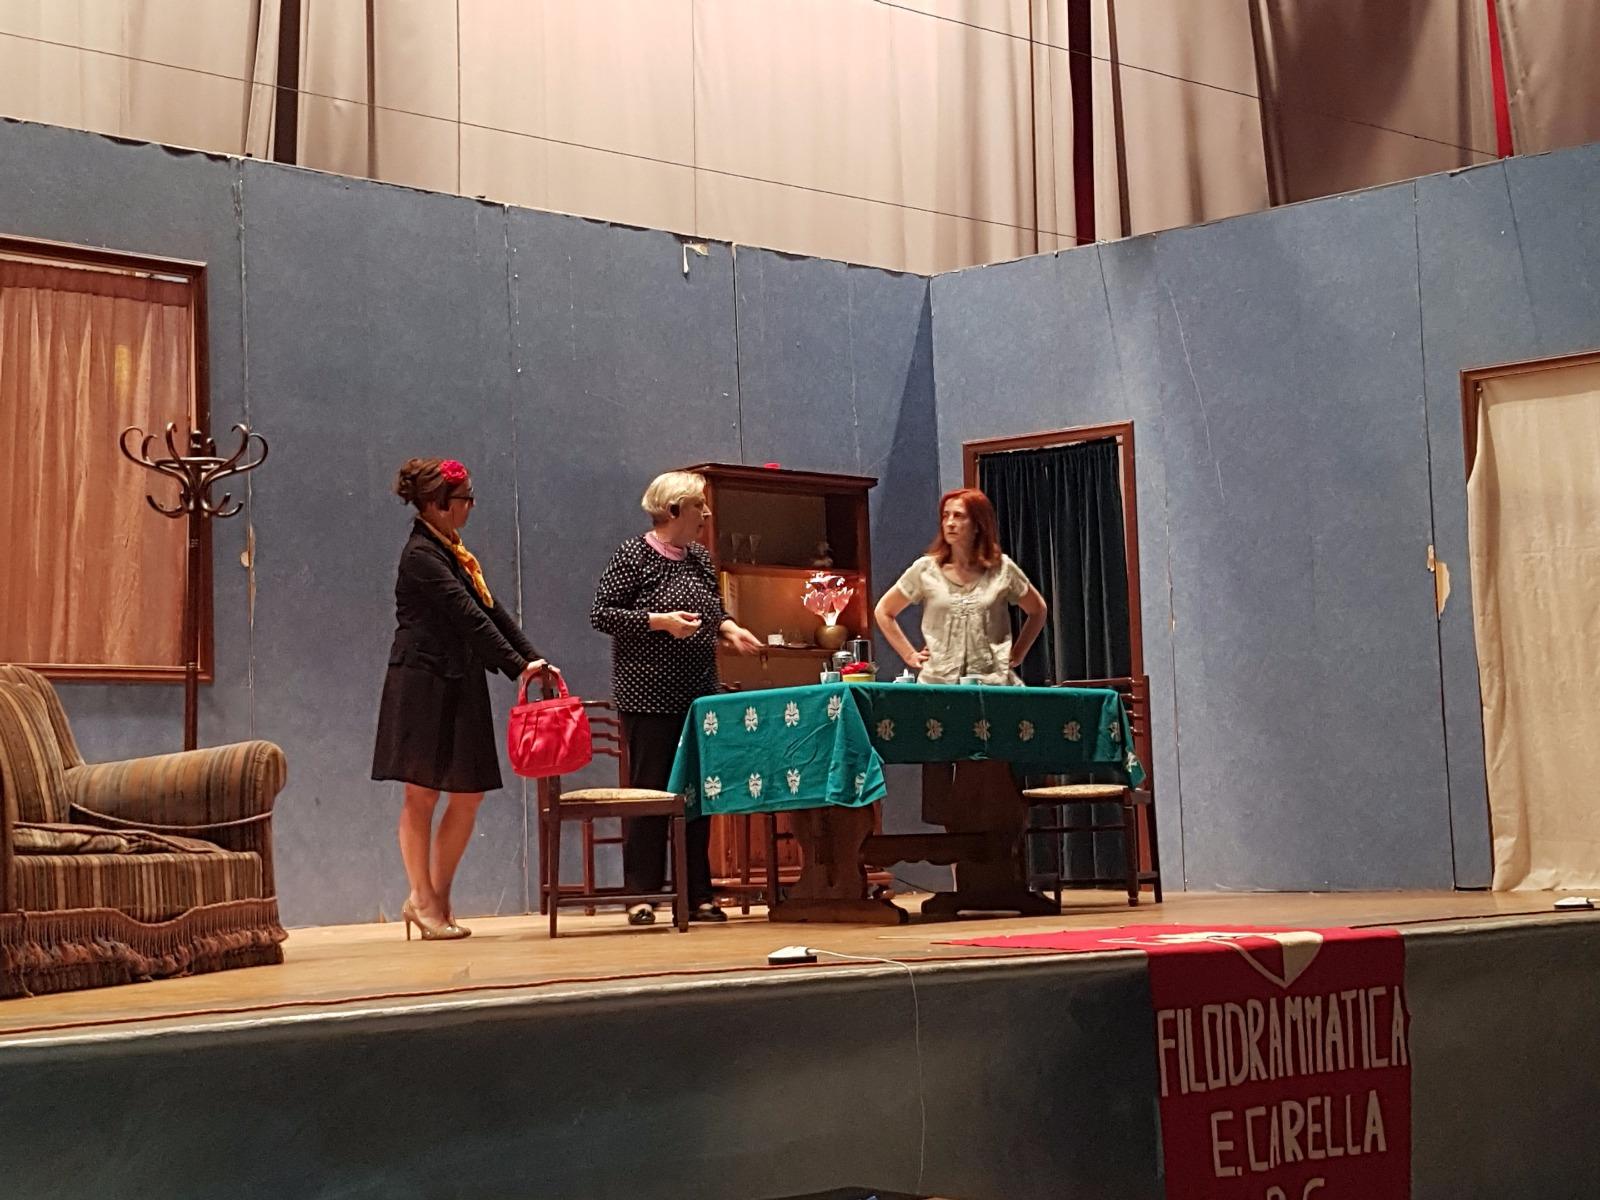 Commedia Carella, festa S Pietro (4)